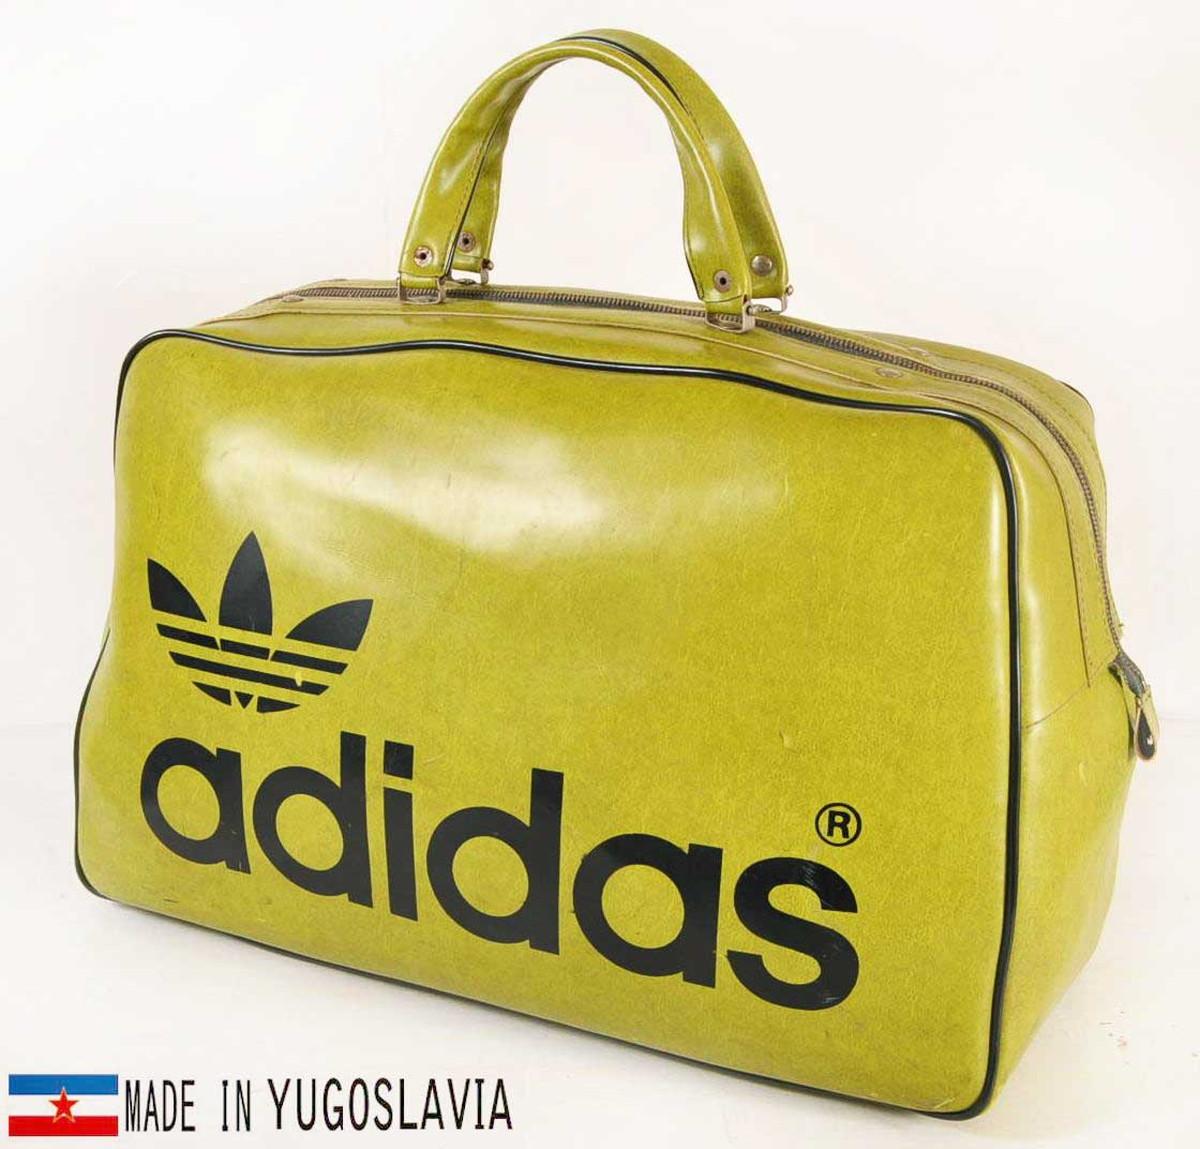 ヴィンテージ 1970年代初期 ユーゴスラビア製 adidas アディダス スポーツ ボストンバッグ グリーン【中古】▼